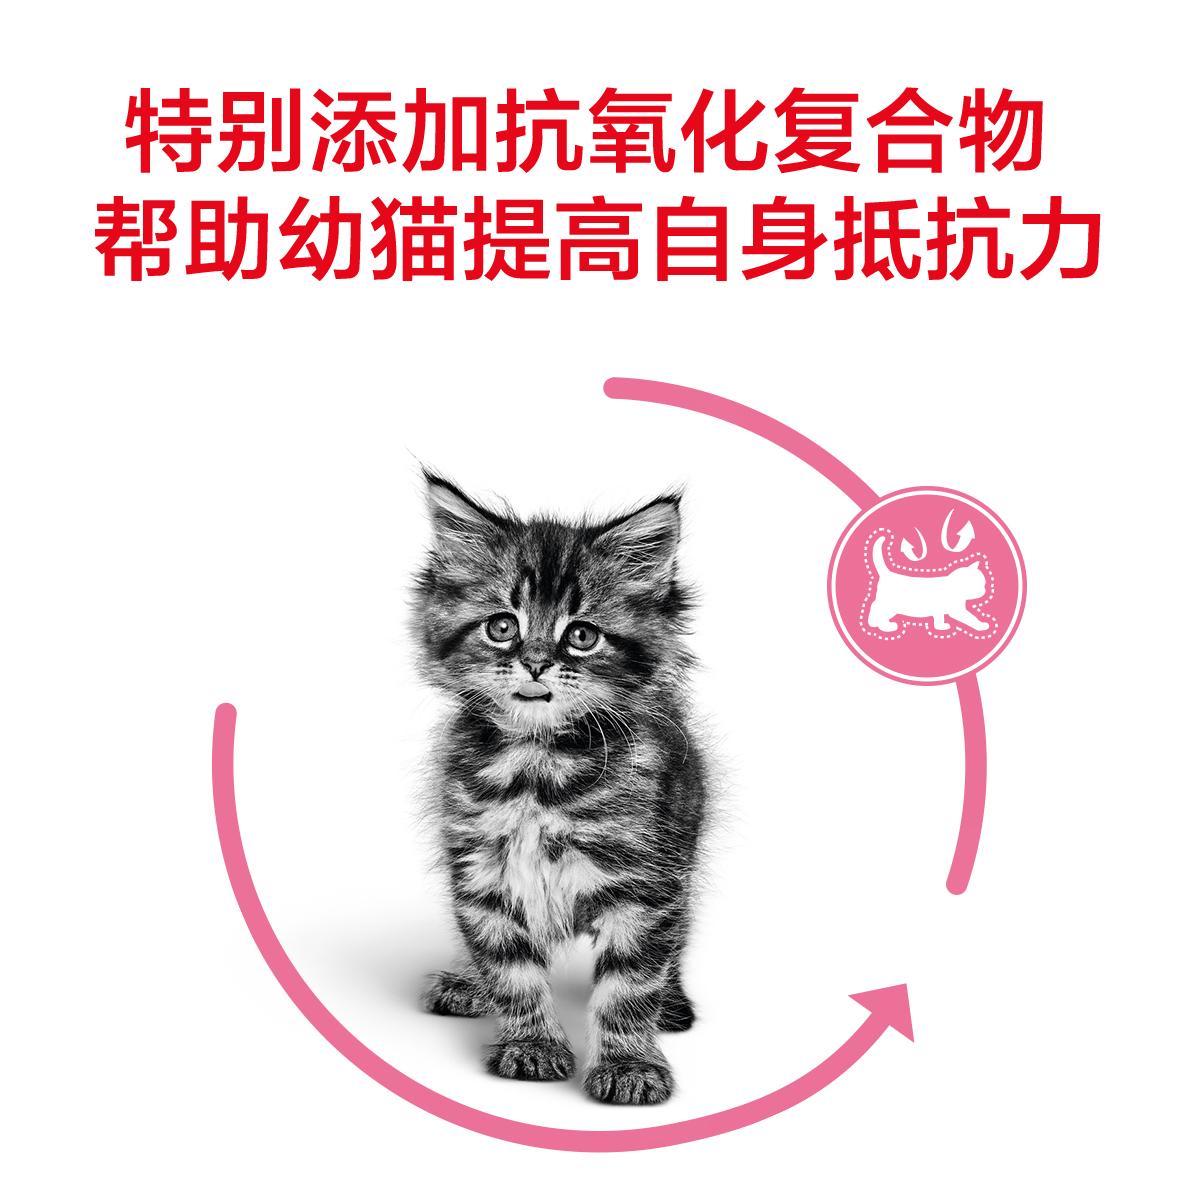 皇家幼猫奶糕猫粮BK34小猫幼猫粮400gx2离乳期1-4月营养增肥 发腮优惠券